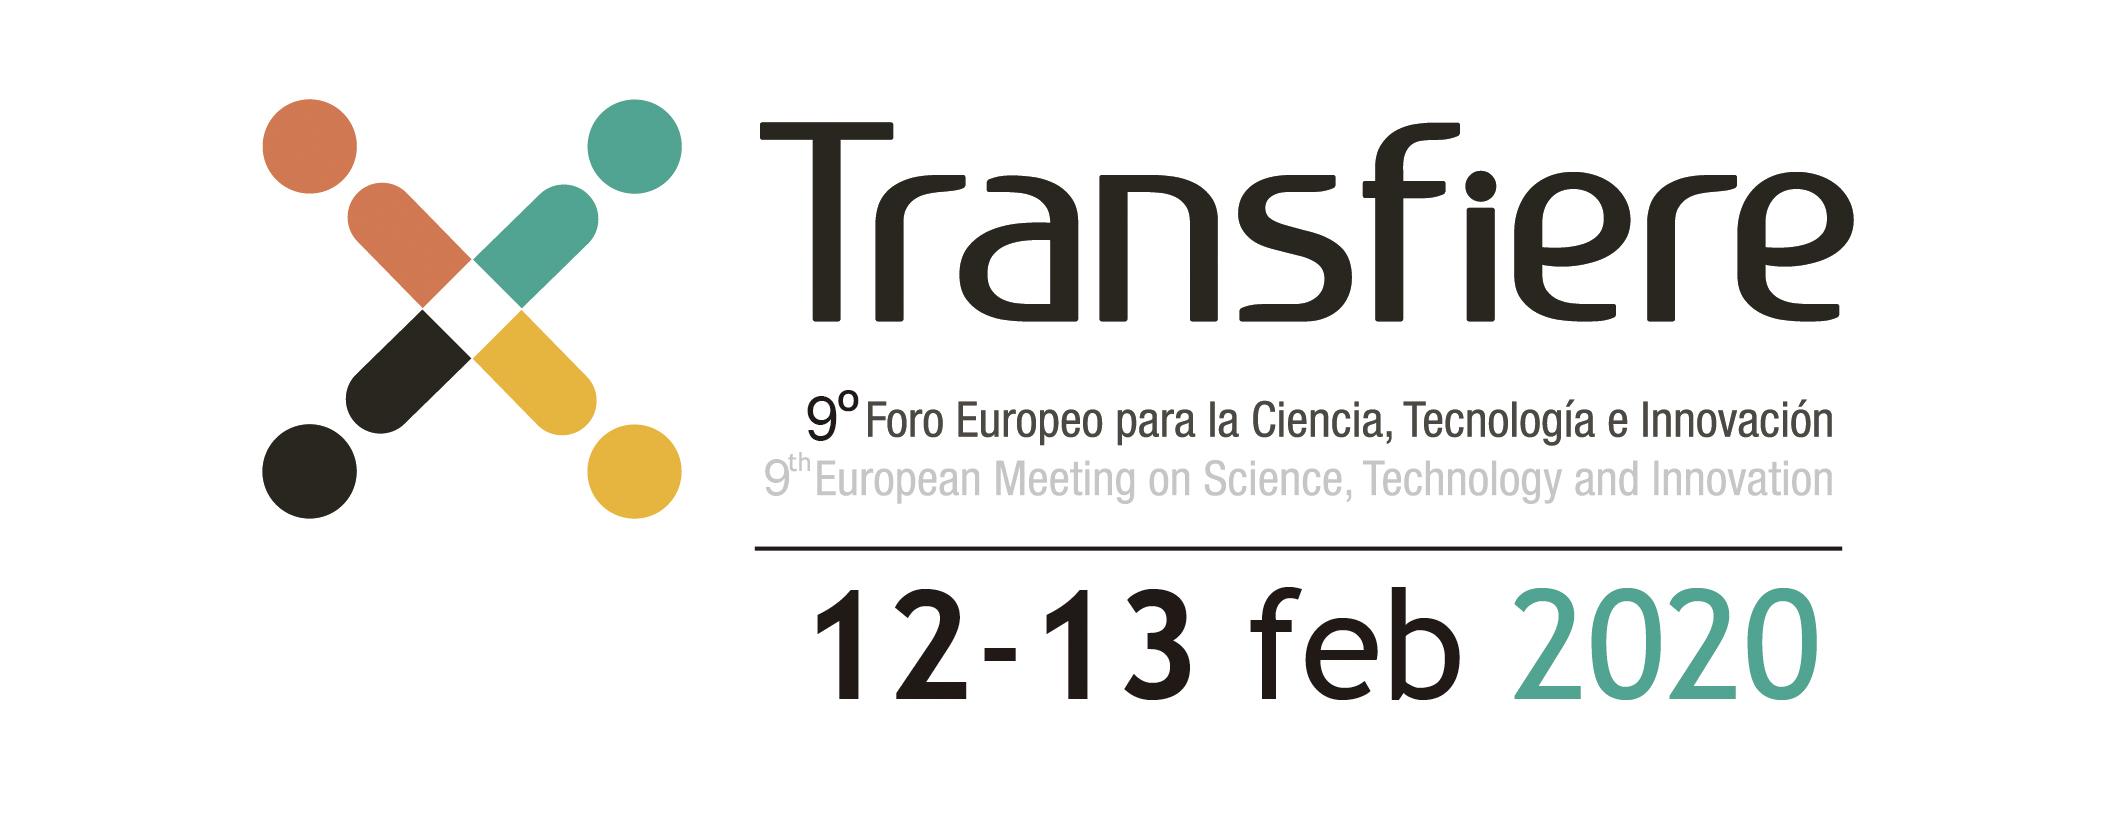 (Español) BIOPLAT participa en la novena edición del Foro Europeo para la Ciencia, Tecnología e Innovación – Transfiere 2020